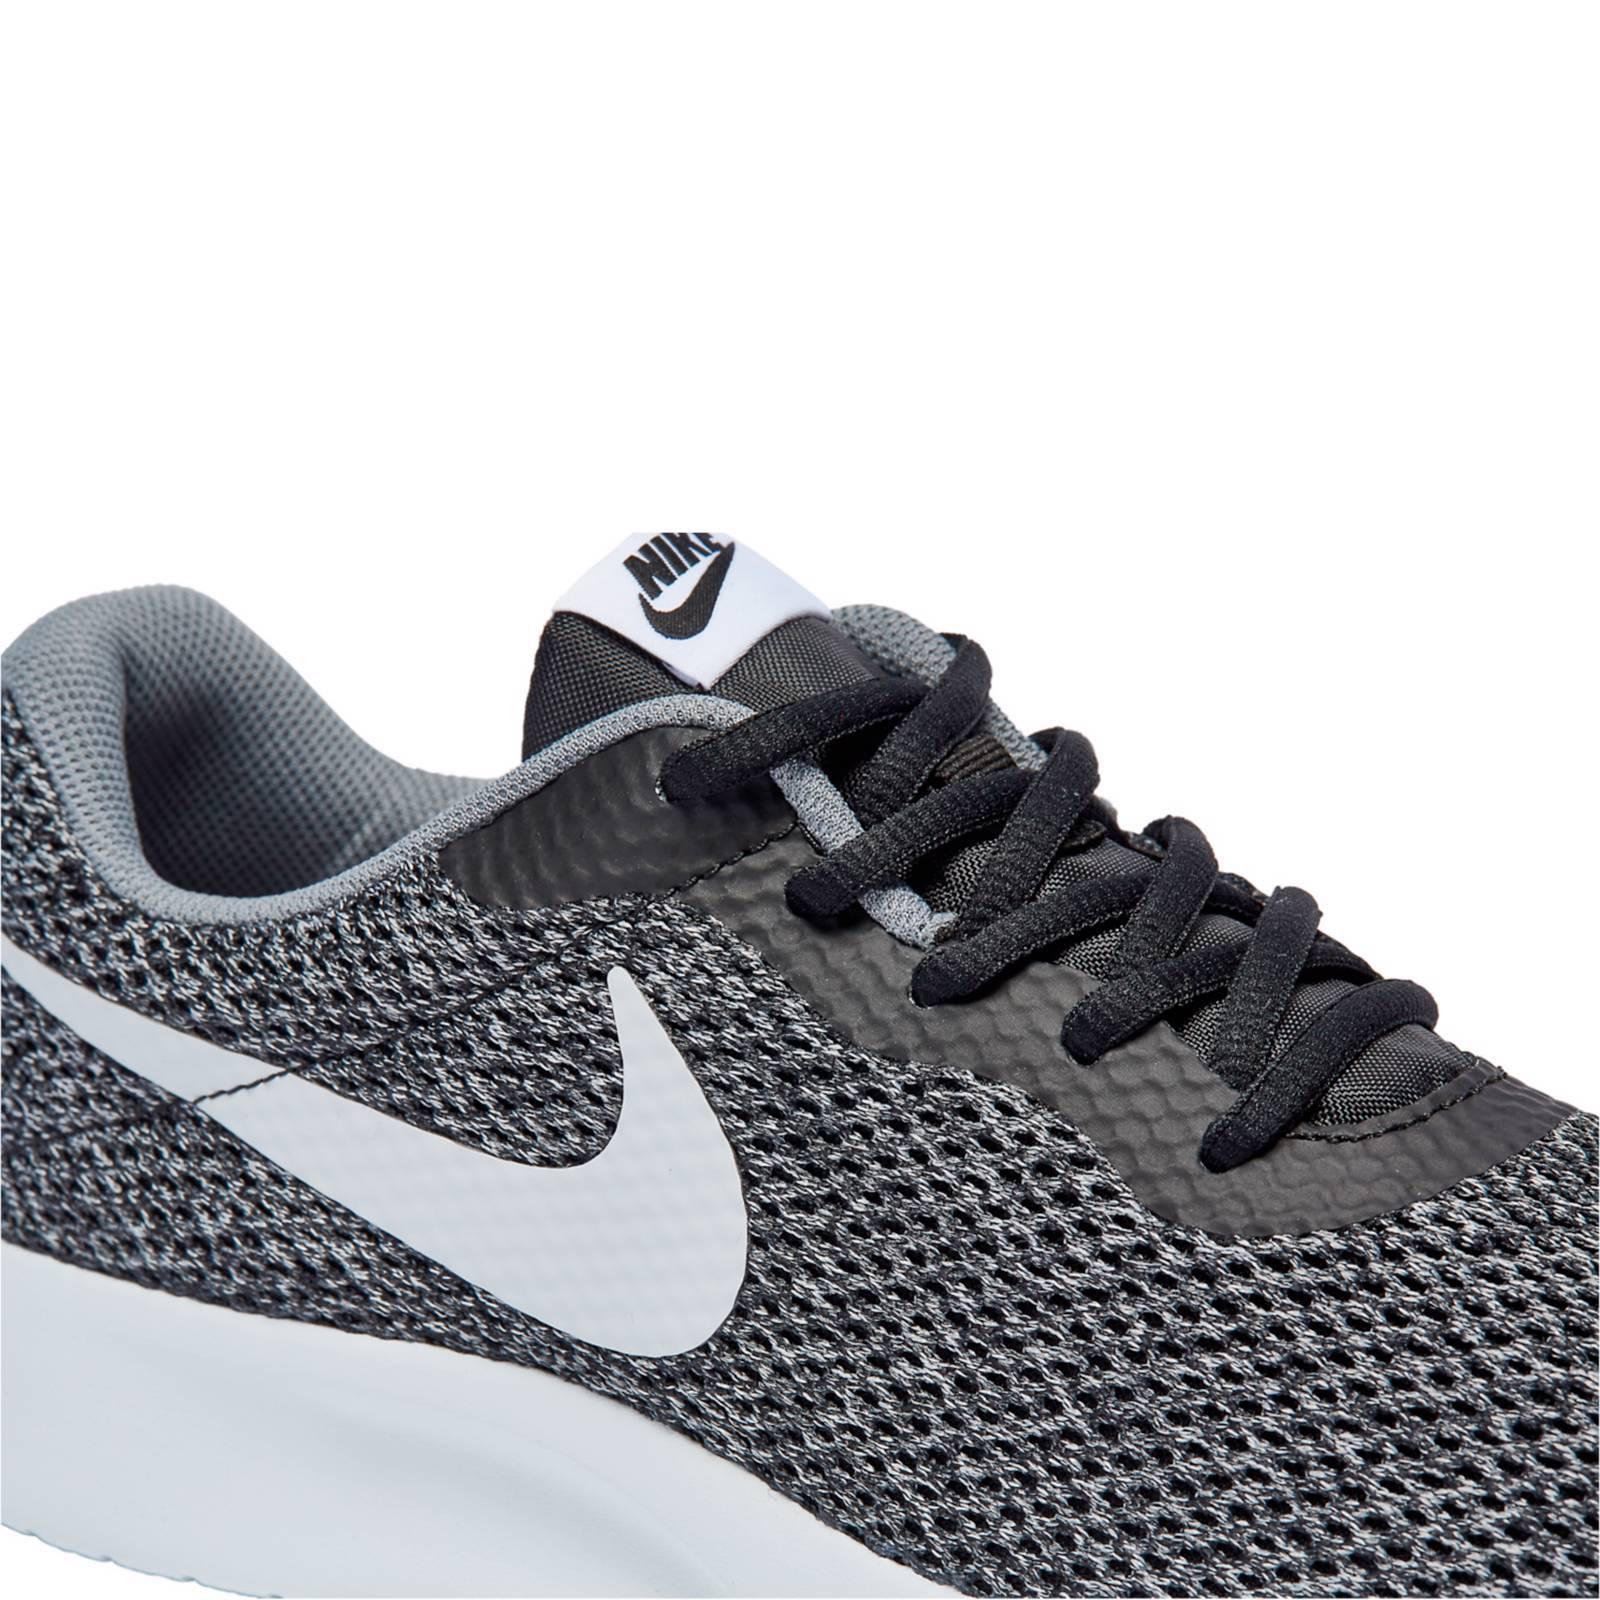 72cdd594049 Tanjun Nike Nike Tanjun Nike Sneakers Sneakers Tanjun Wehkamp Wehkamp  fwTFxUvf